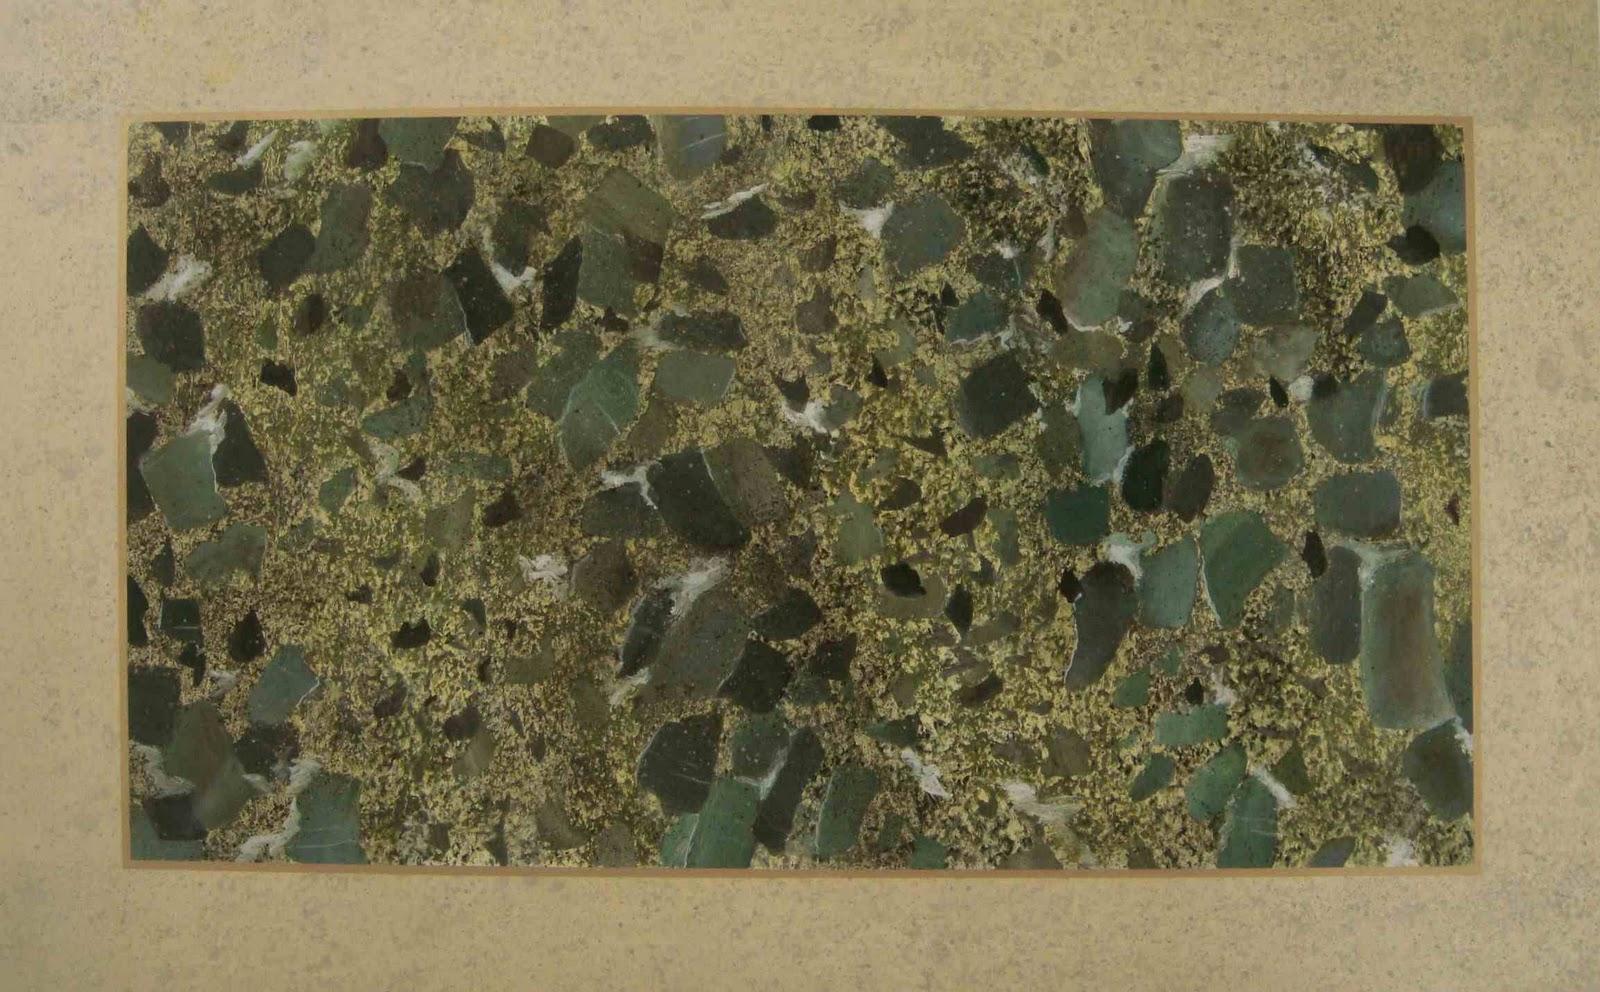 marbre vert antique resine de protection pour peinture. Black Bedroom Furniture Sets. Home Design Ideas